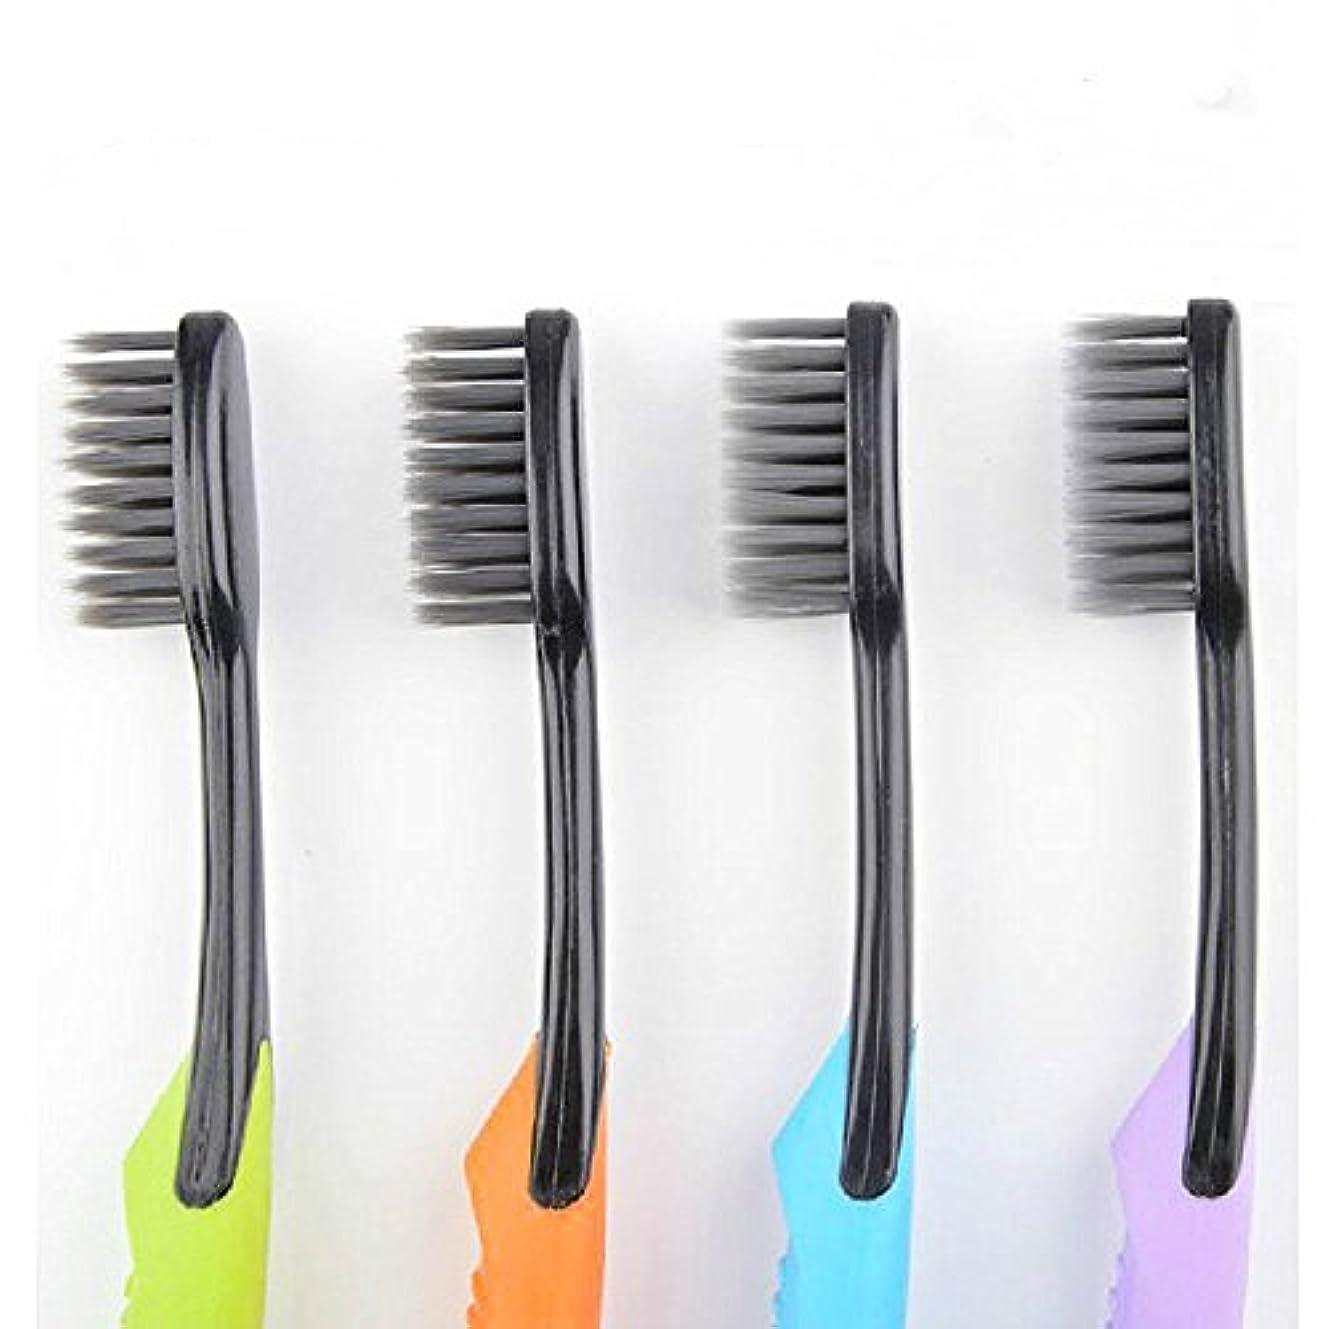 無許可周り出身地Cand Ultra Soft Adult Toothbrush, Bamboo Charcoal Bristle, Pack of 4 by Cand